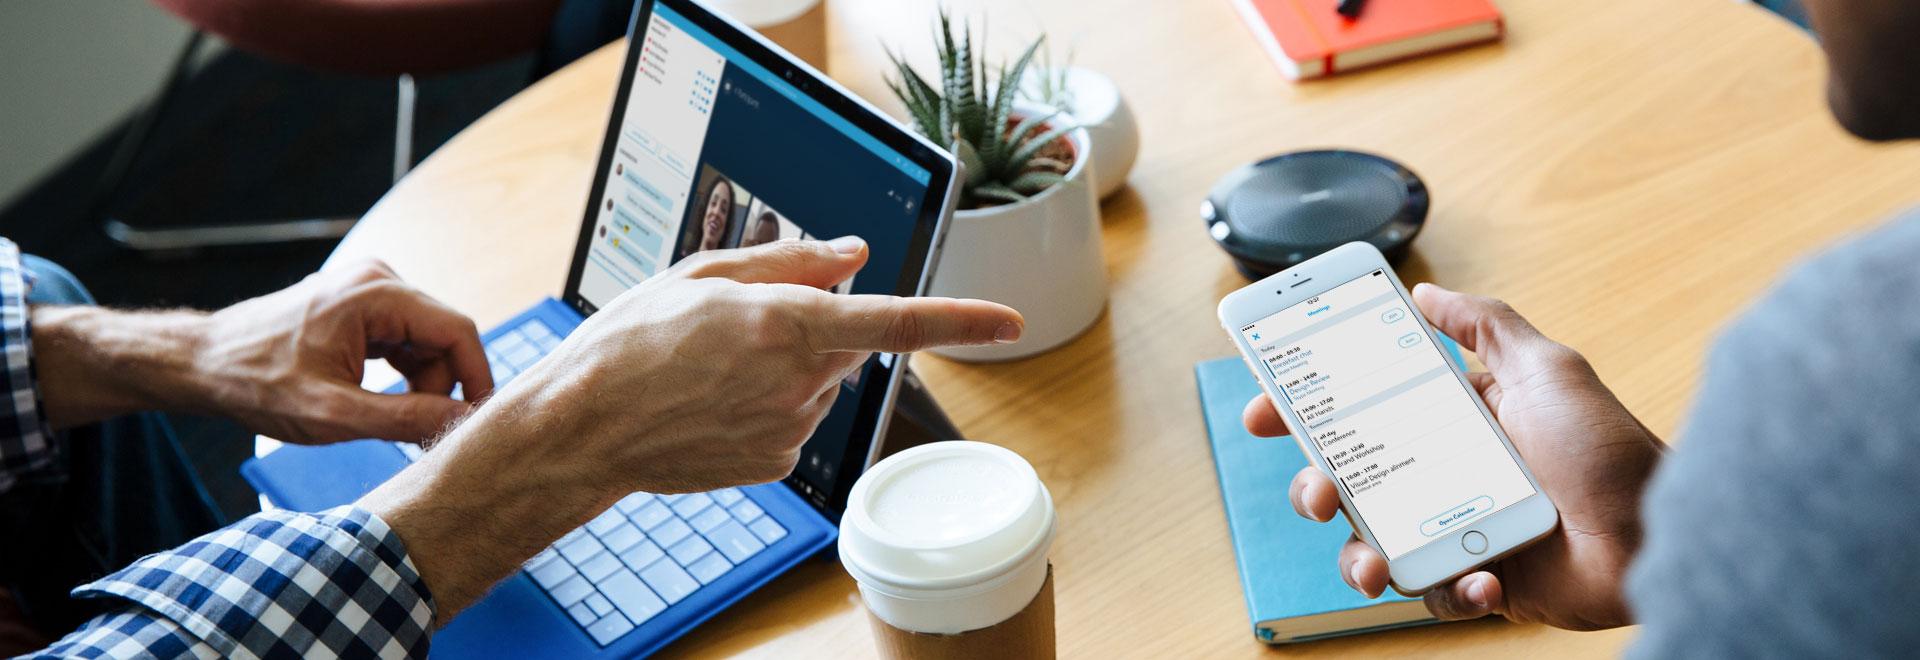 To personer ved et skrivebord: den ene med en telefon og den anden med en bærbar computer, der begge bruger Skype for Business